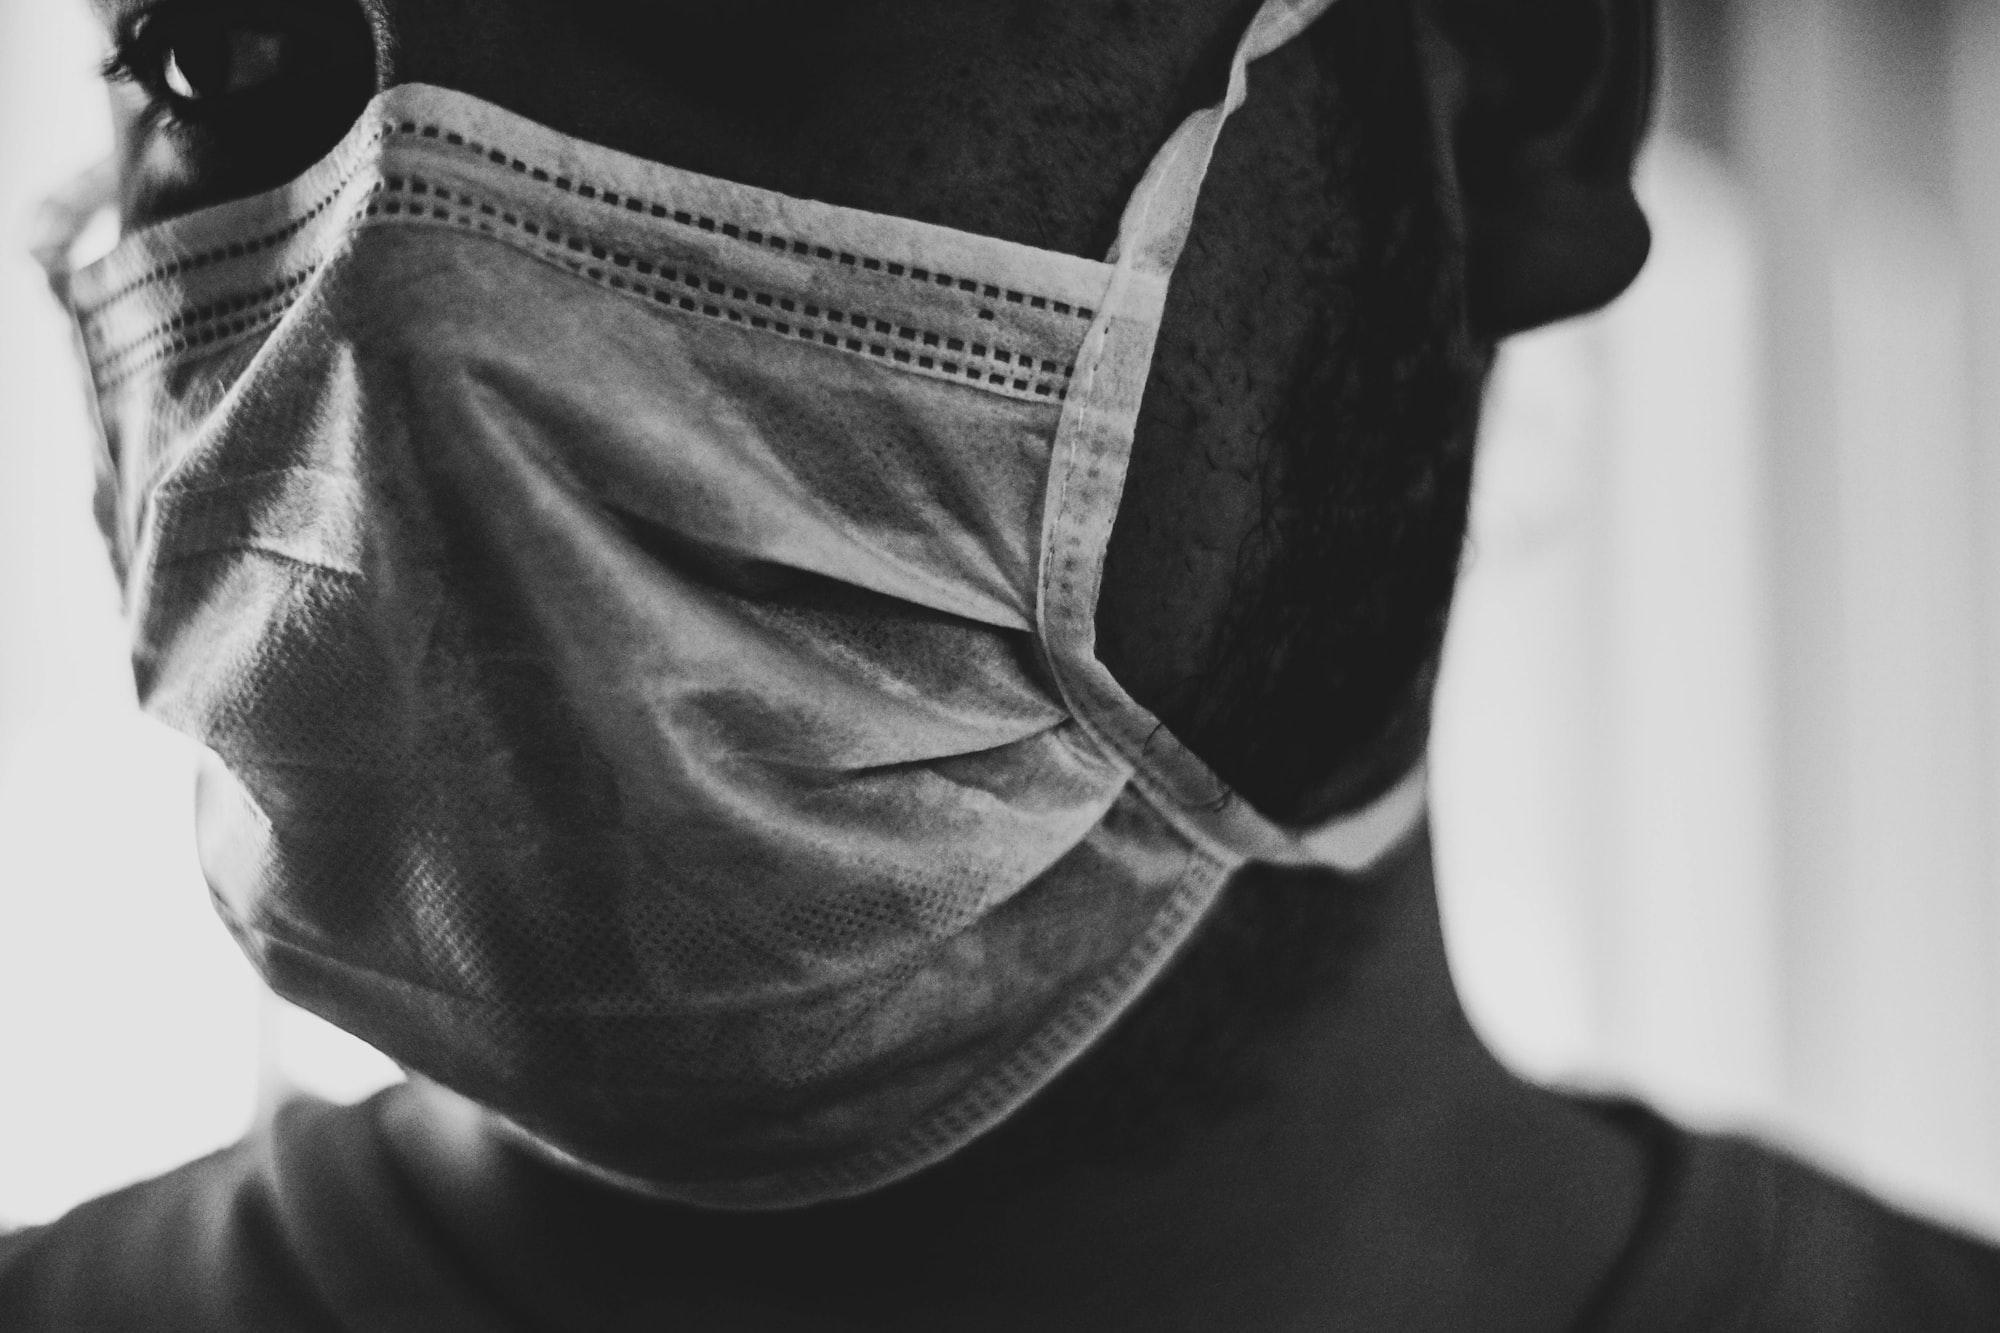 Koronawirus Małopolska [12 czerwca]: Szczegółowe dane - zakażenia, zgony